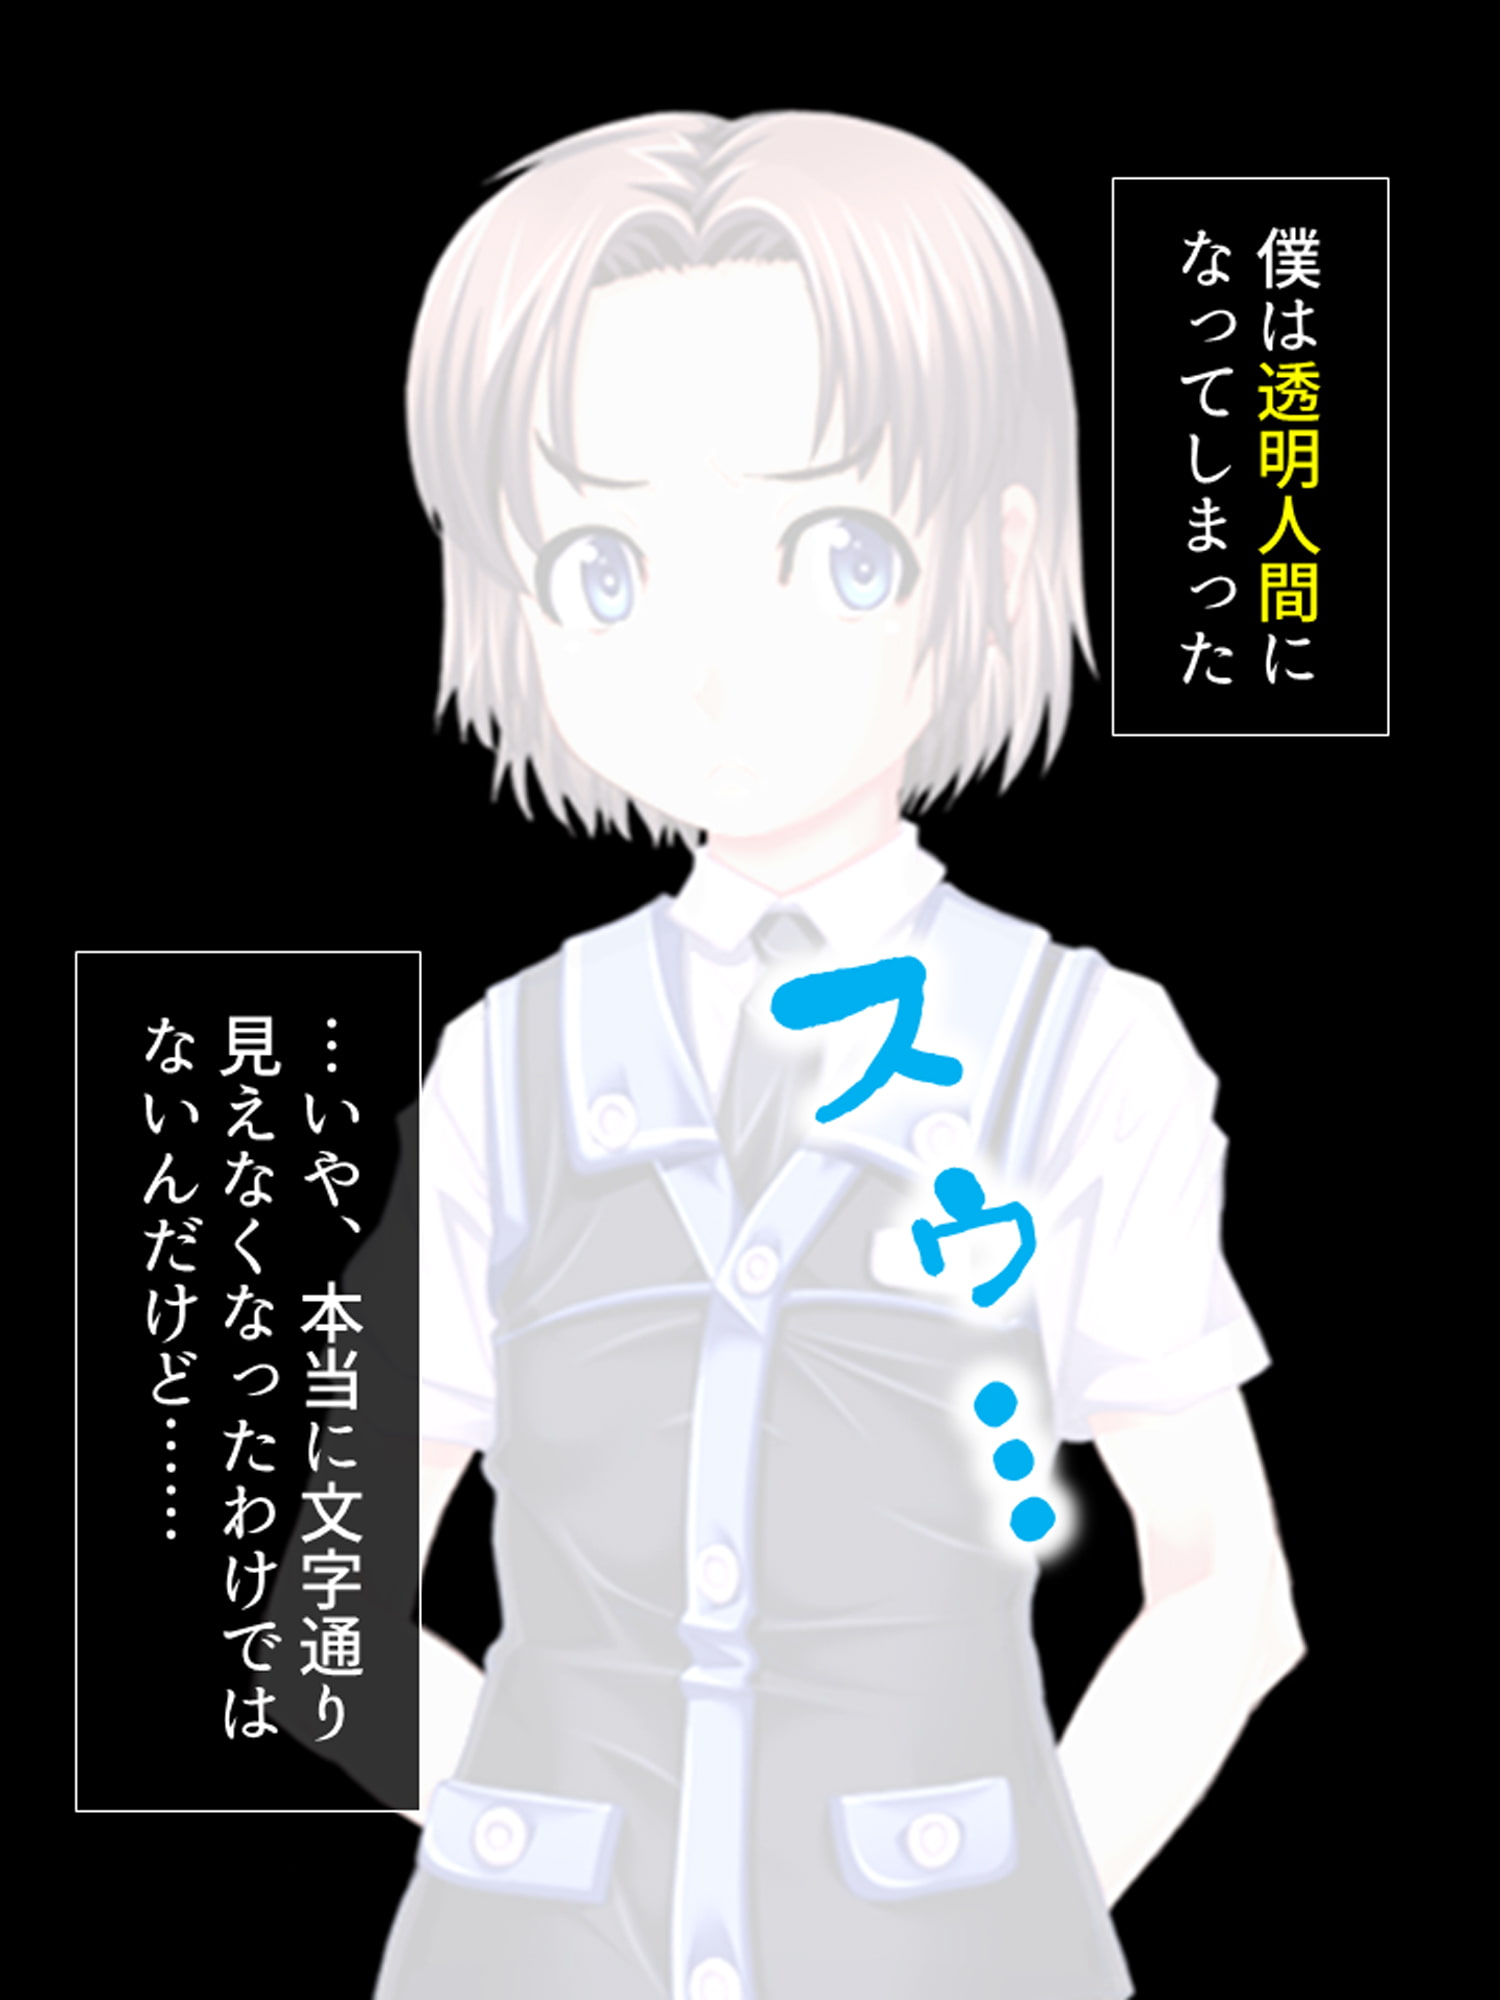 ダブルチンパクト!! ~やり放題ステルス爆液~ 第1巻